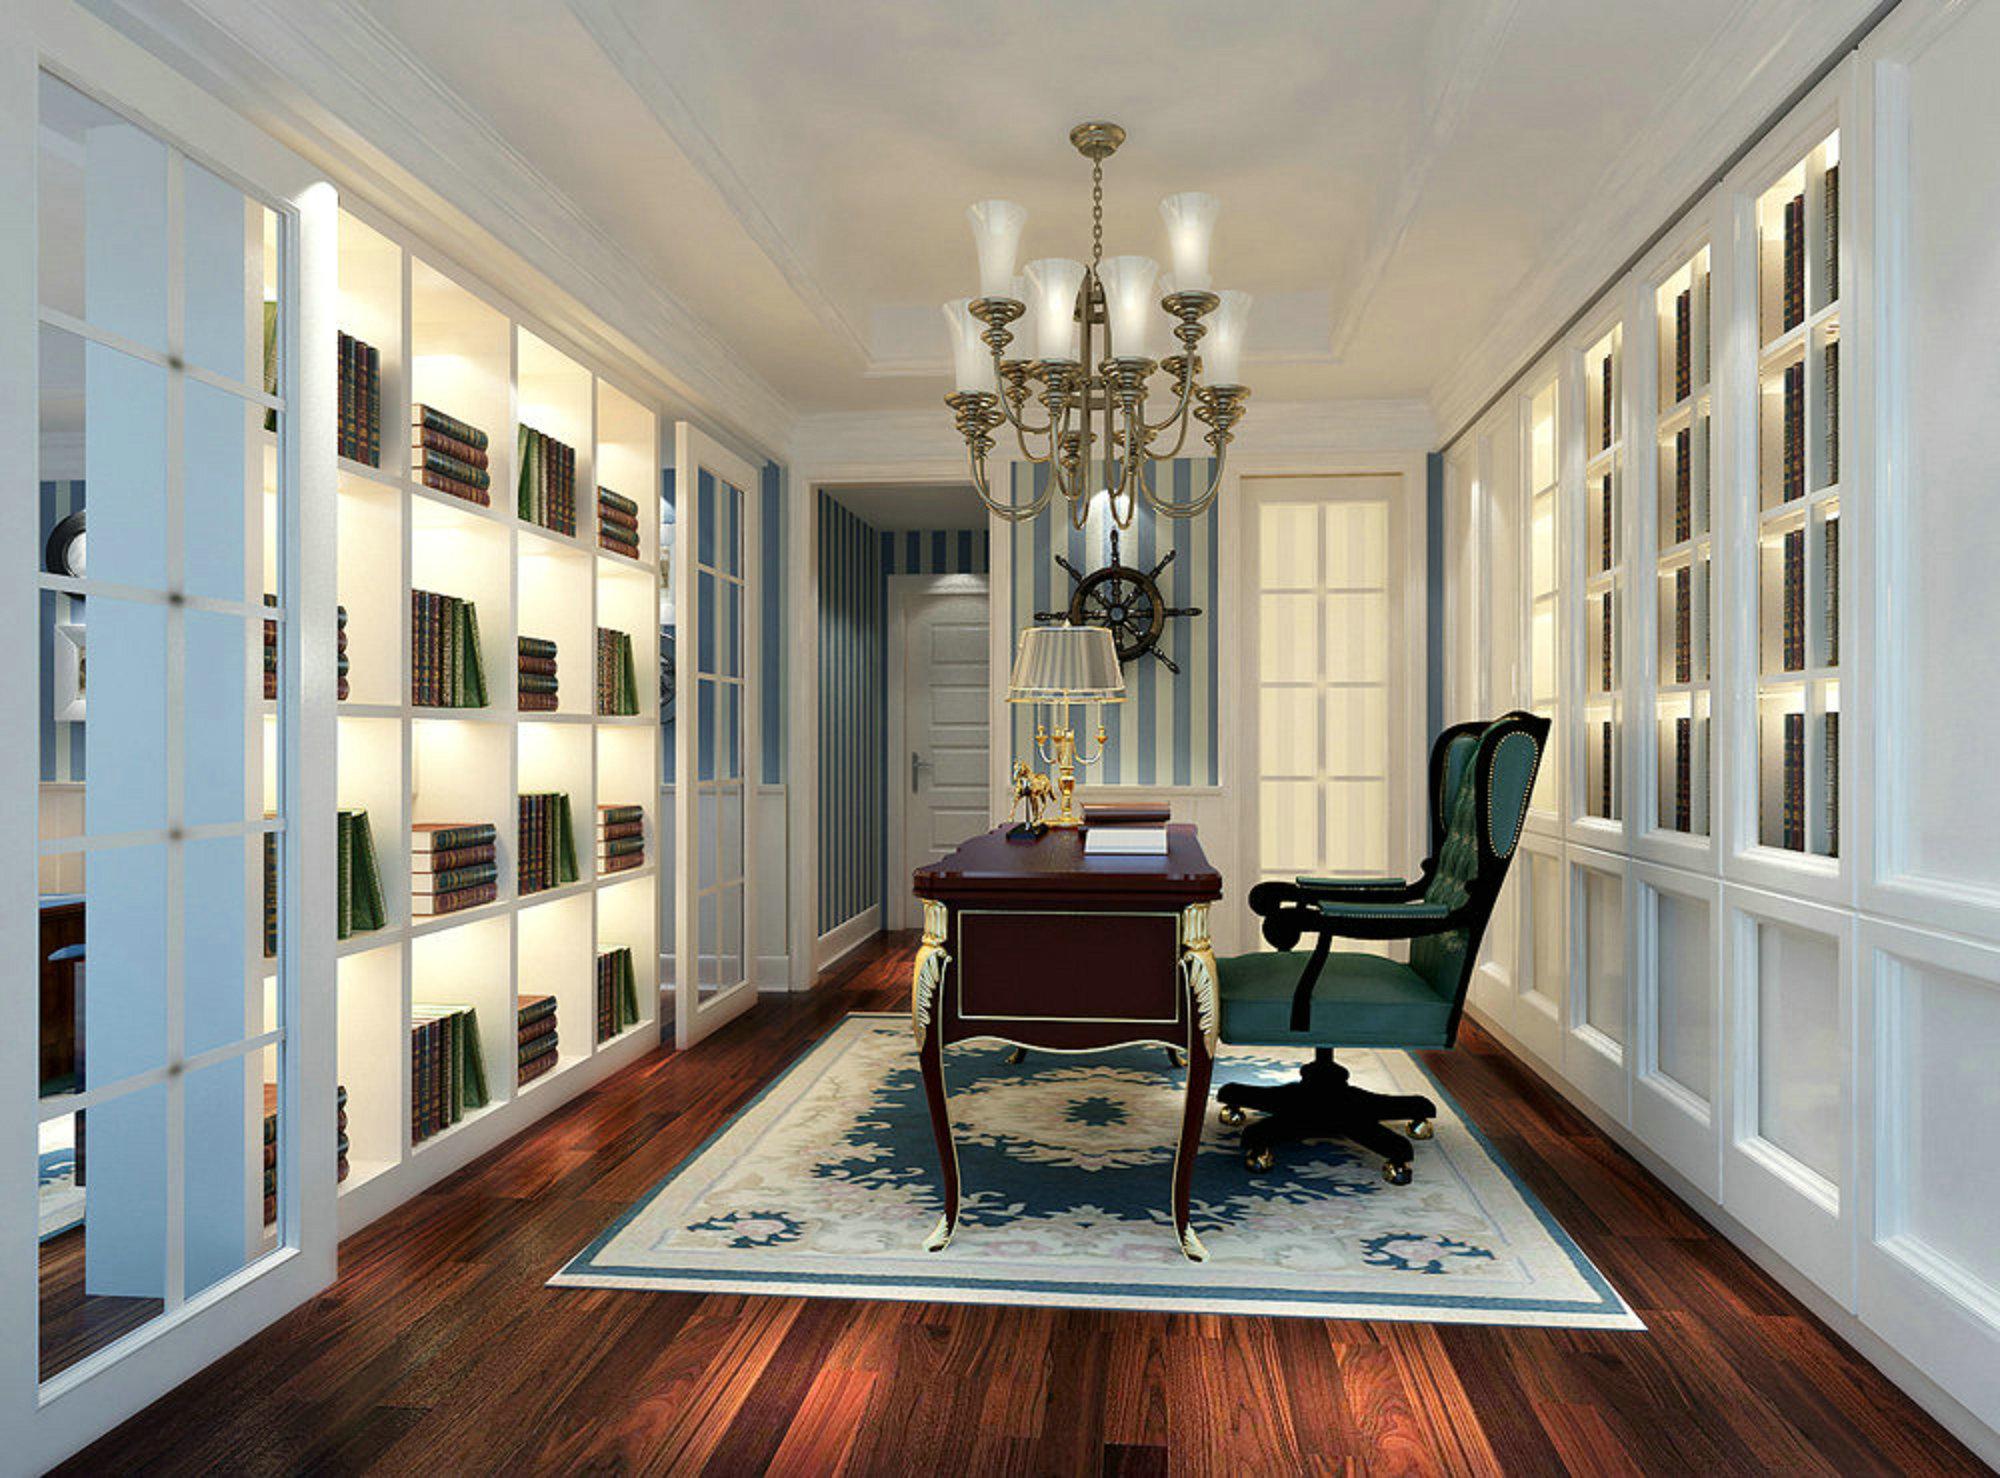 东方夏威夷 别墅装修 欧美古典 腾龙设计 书房图片来自孔继民在东方夏威夷别墅装修美式古典的分享